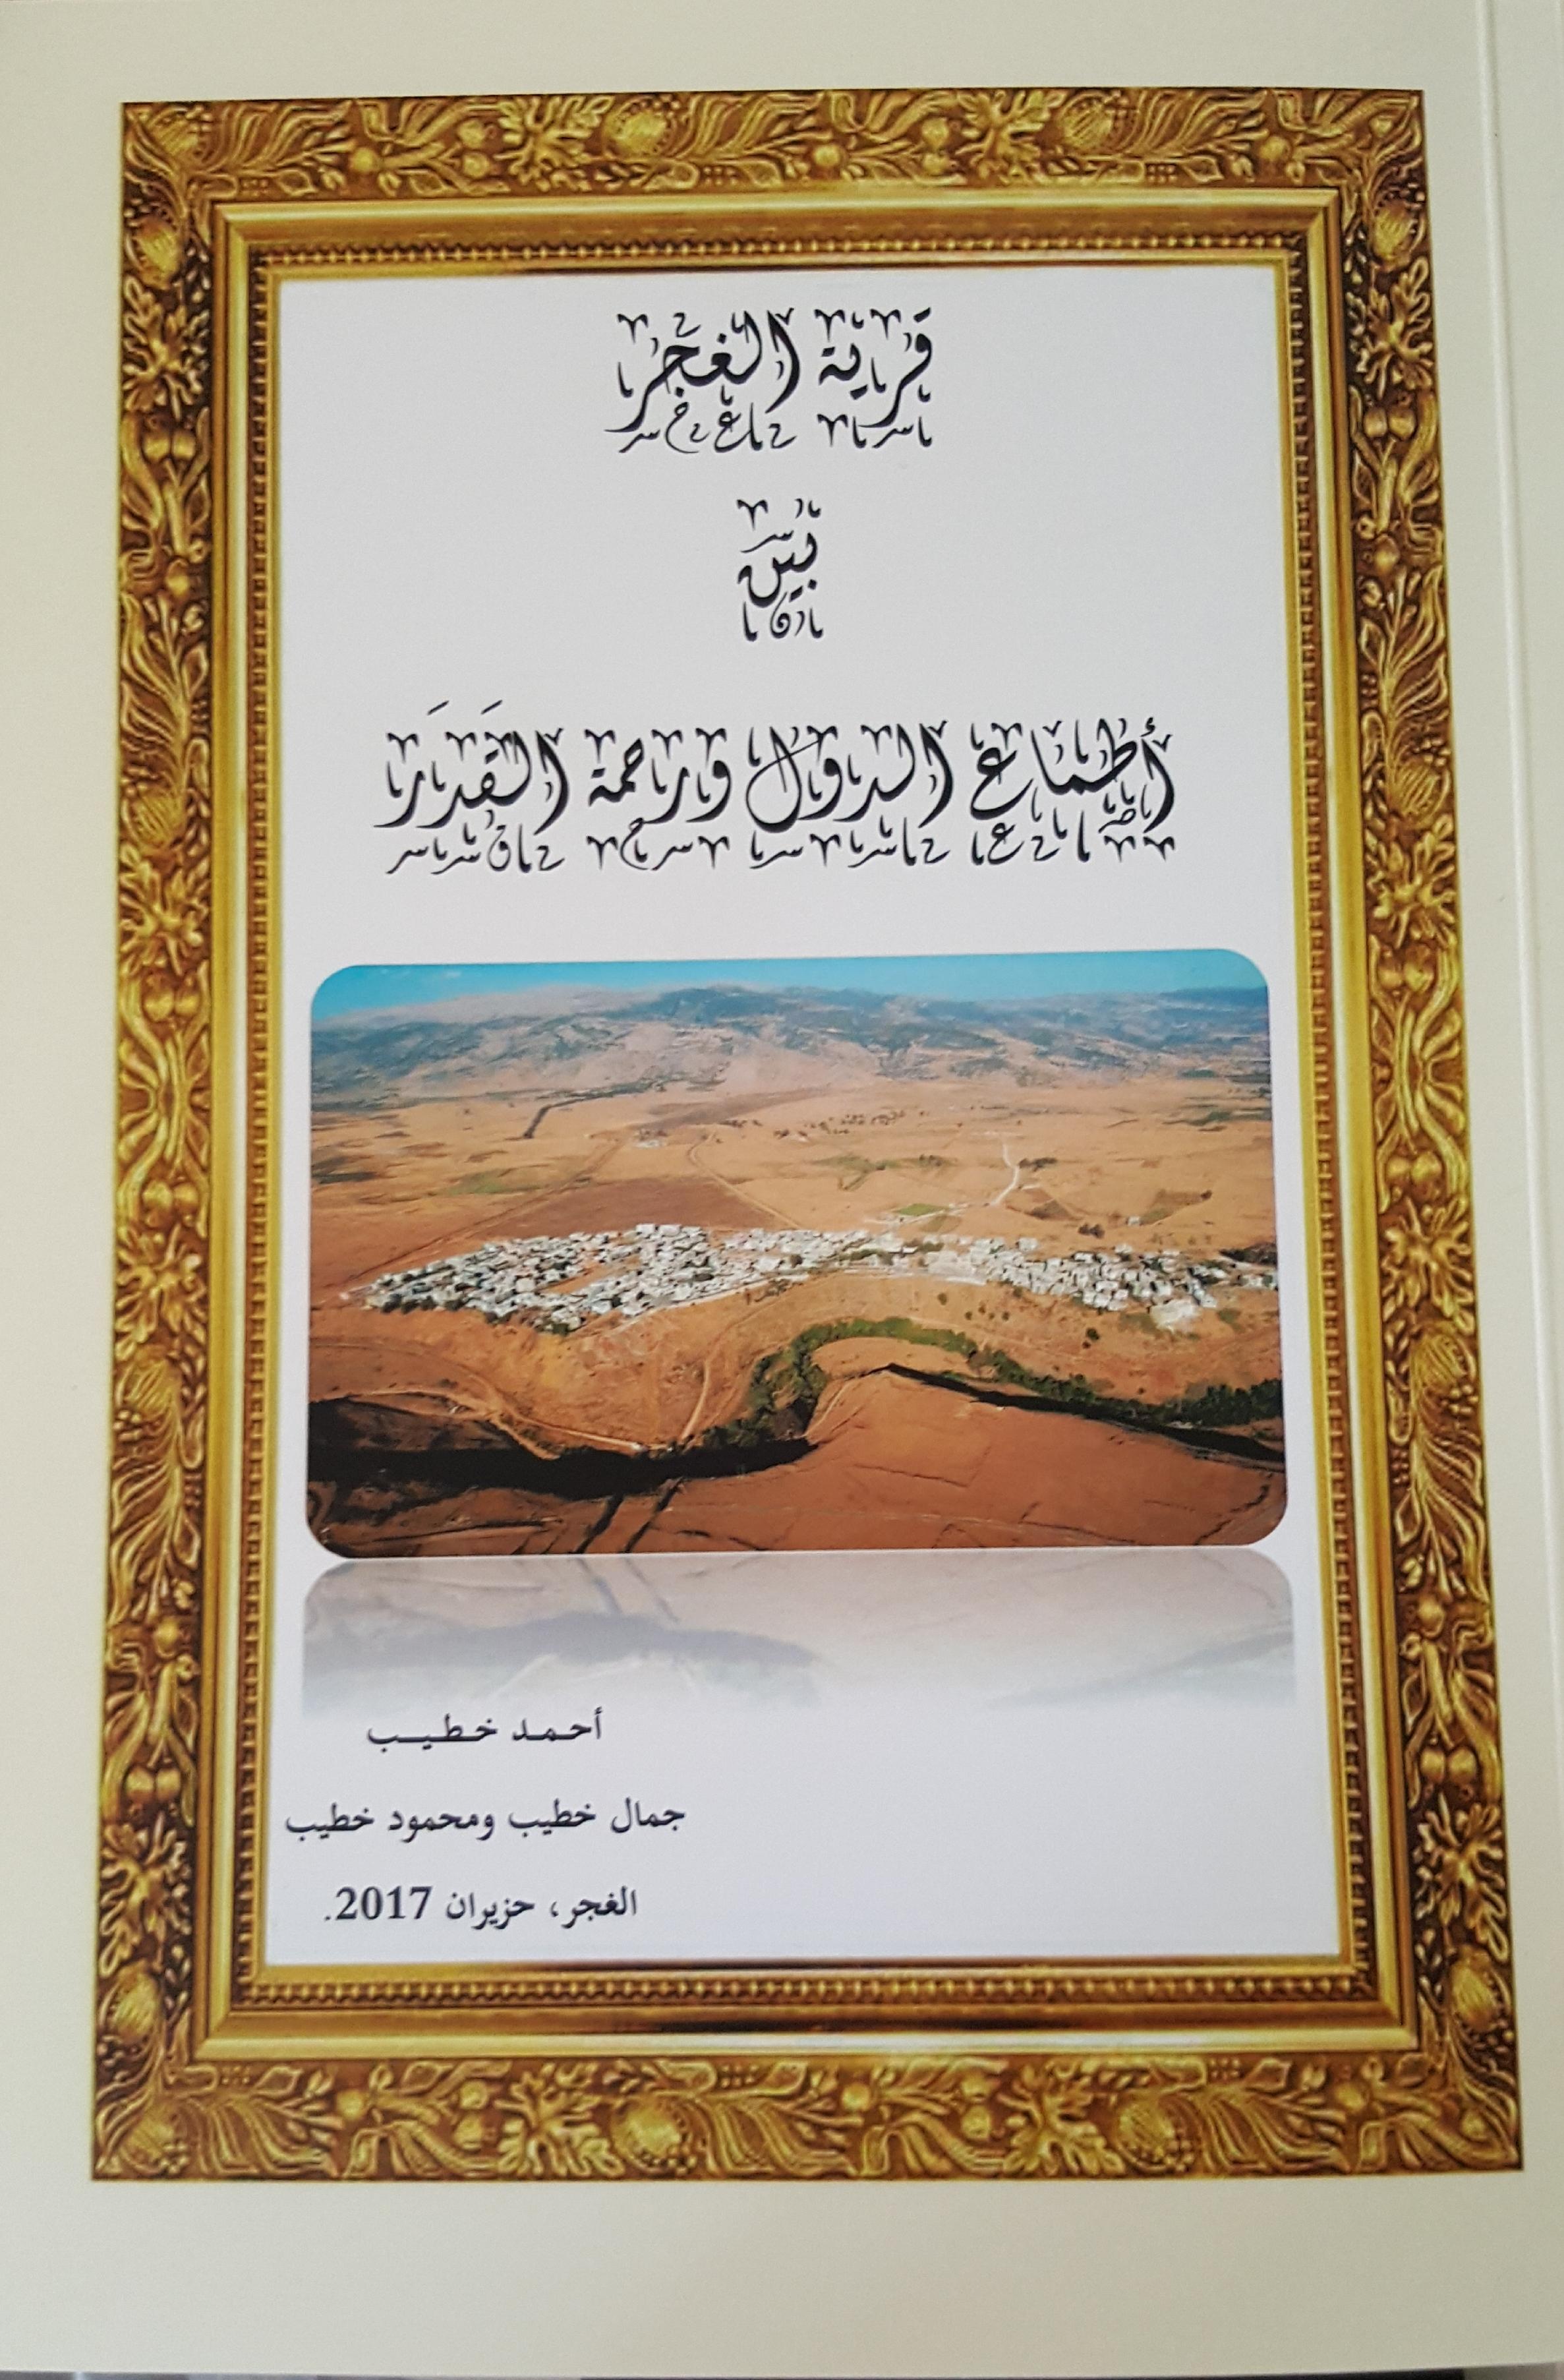 Photo of الغجر بين اطماع الدول ورحمة القدر كتاب جديد للاستاذ احمد الخطيب